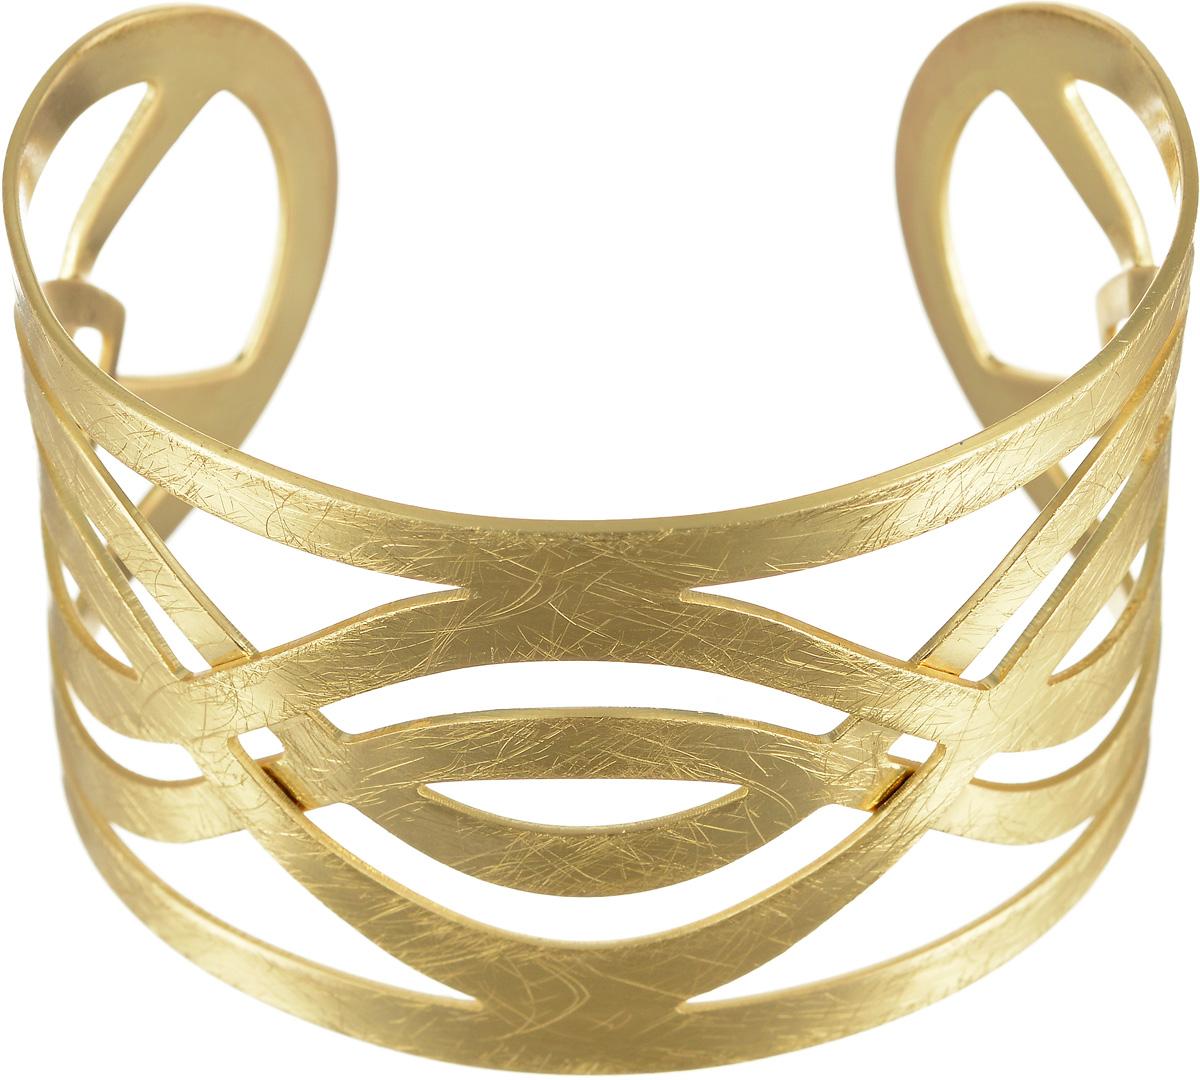 Браслет Selena Afrodita, цвет: золотистый. 40078300Глидерный браслетБраслет Selena Afrodita выполнен из латуни с гальваническим покрытием золотом. Жесткая конструкция изделия делает женское запястье нежным и хрупким. Надев его, вы всегда будете в центре внимания.Греческий стиль - прямые силуэты, струящиеся однотонные ткани, сандалии - модный тренд последнего времени. И конечно, греческий образ будет незавершенным без специально подобранных украшений.Изделия из коллекции Afrodita - это не просто классические украшения, а выразительные аксессуары с характером, которые обращают на себя внимание.